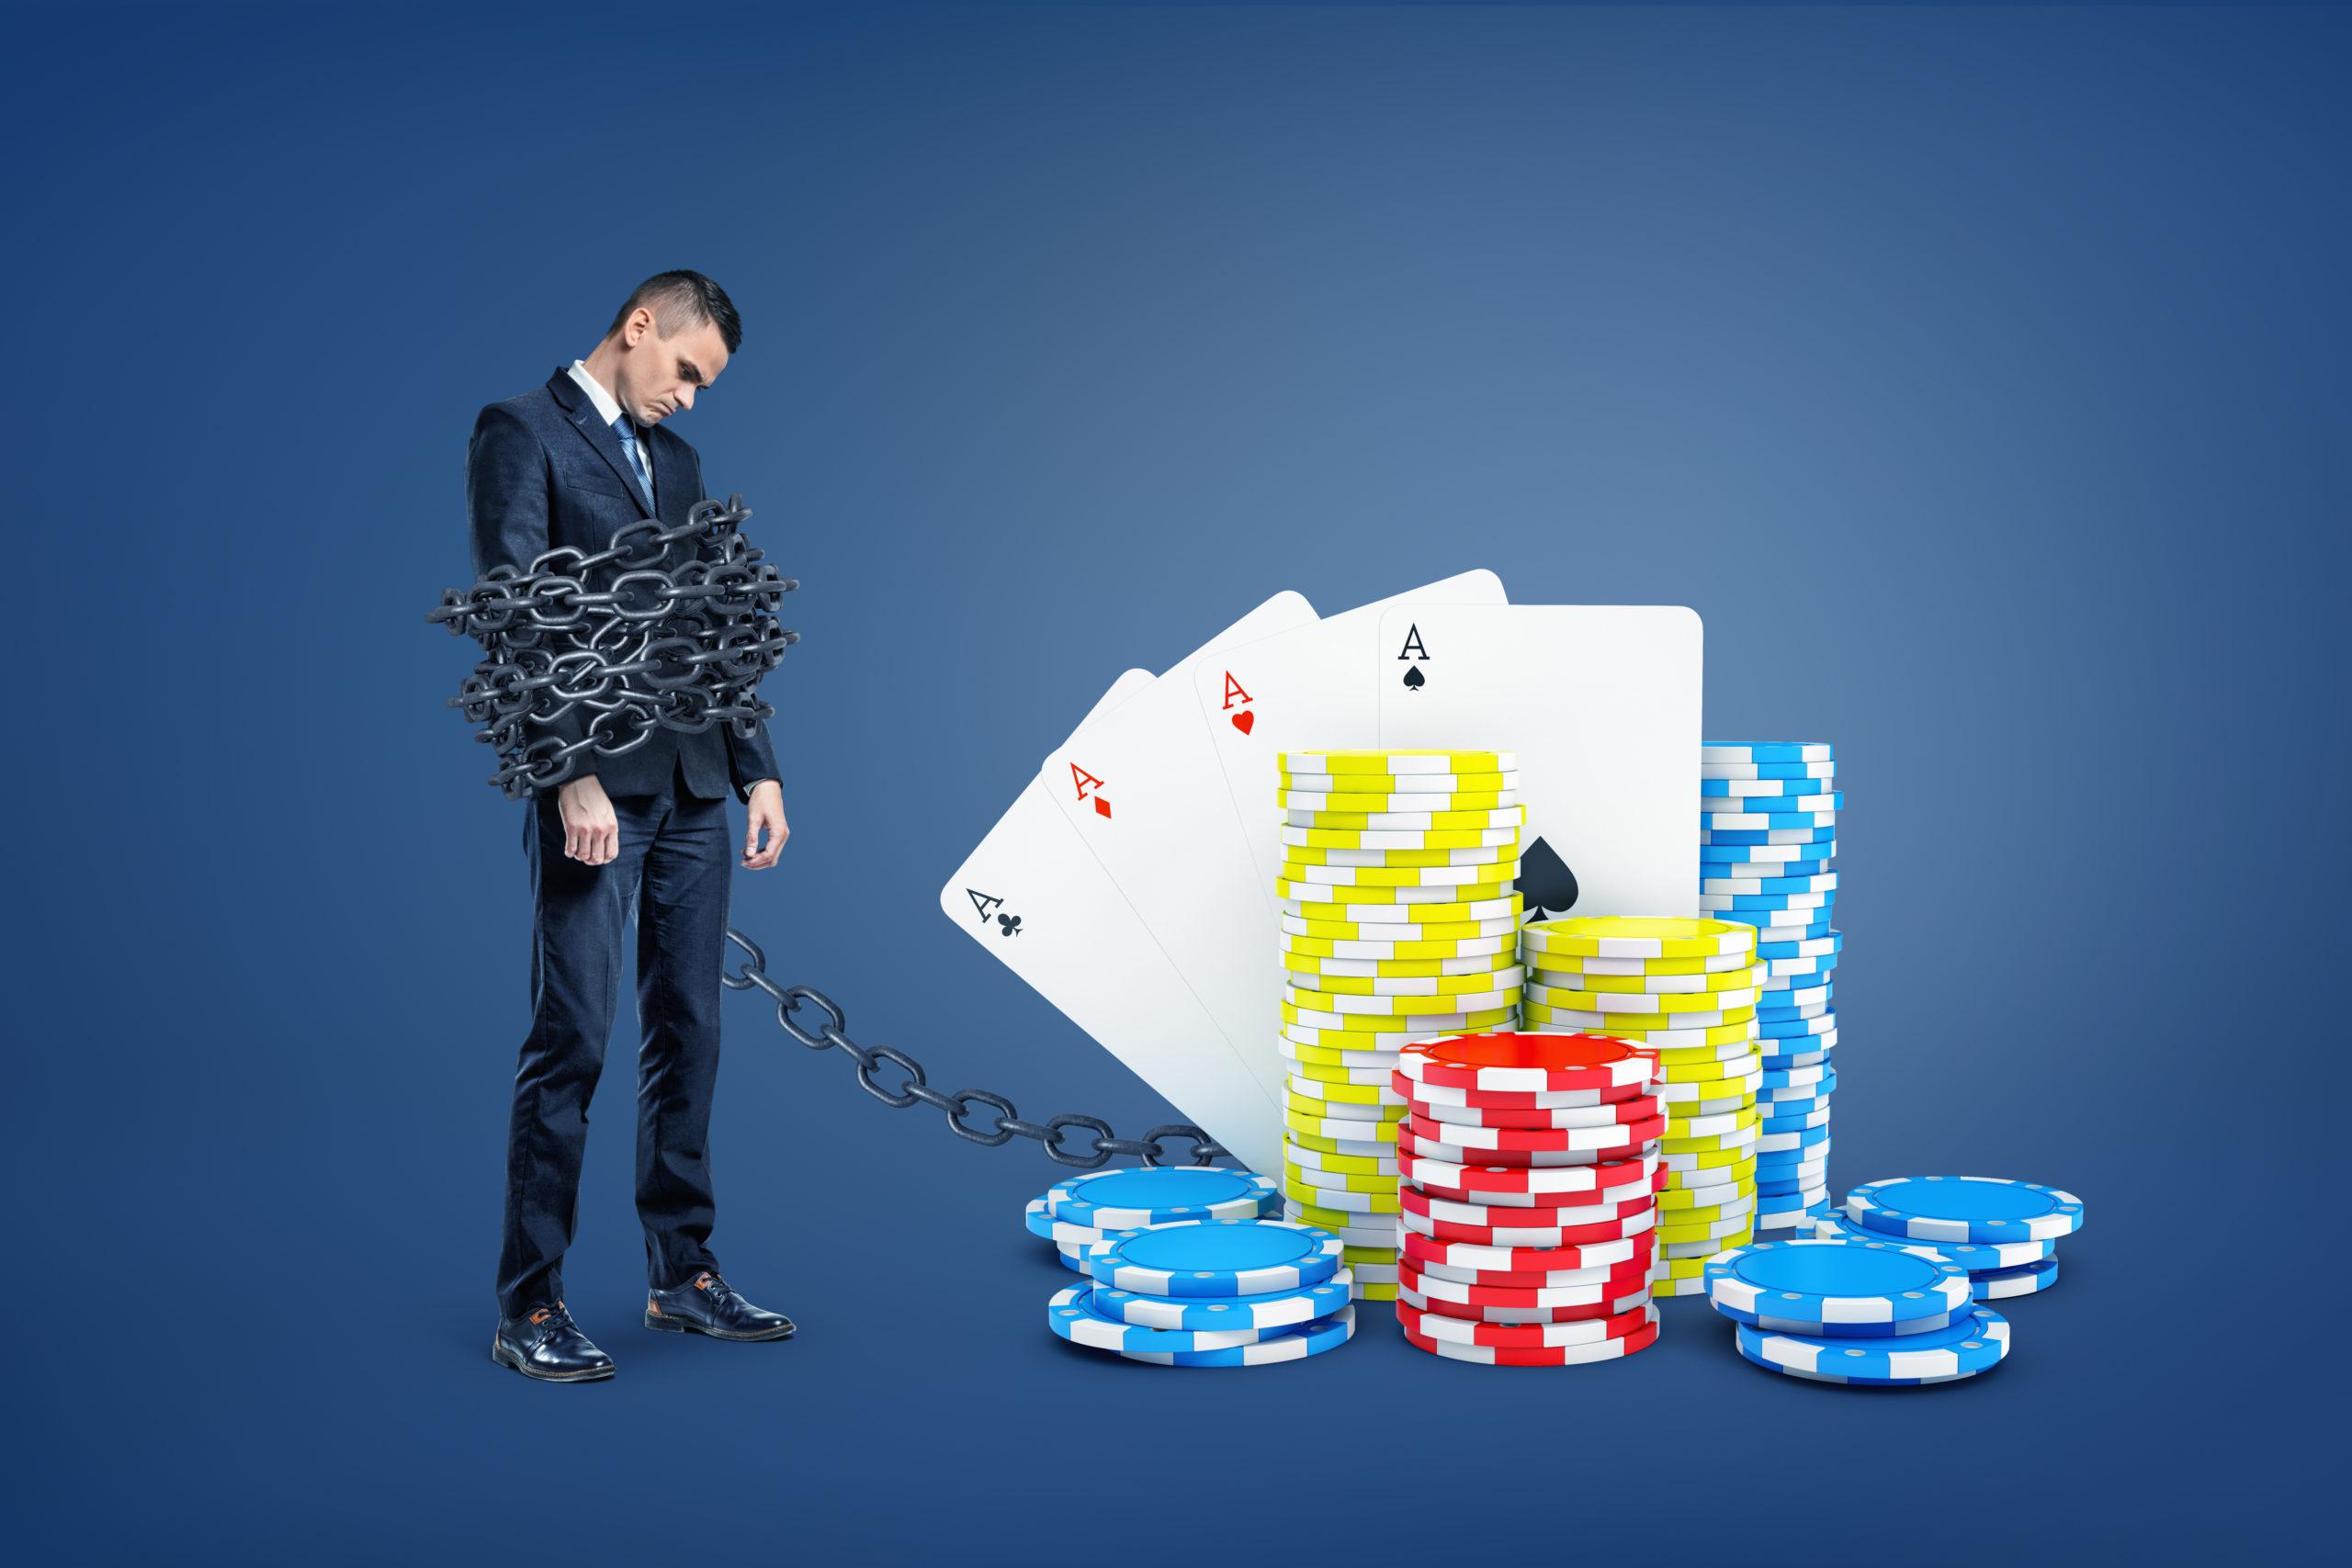 ギャンブル依存症の男性